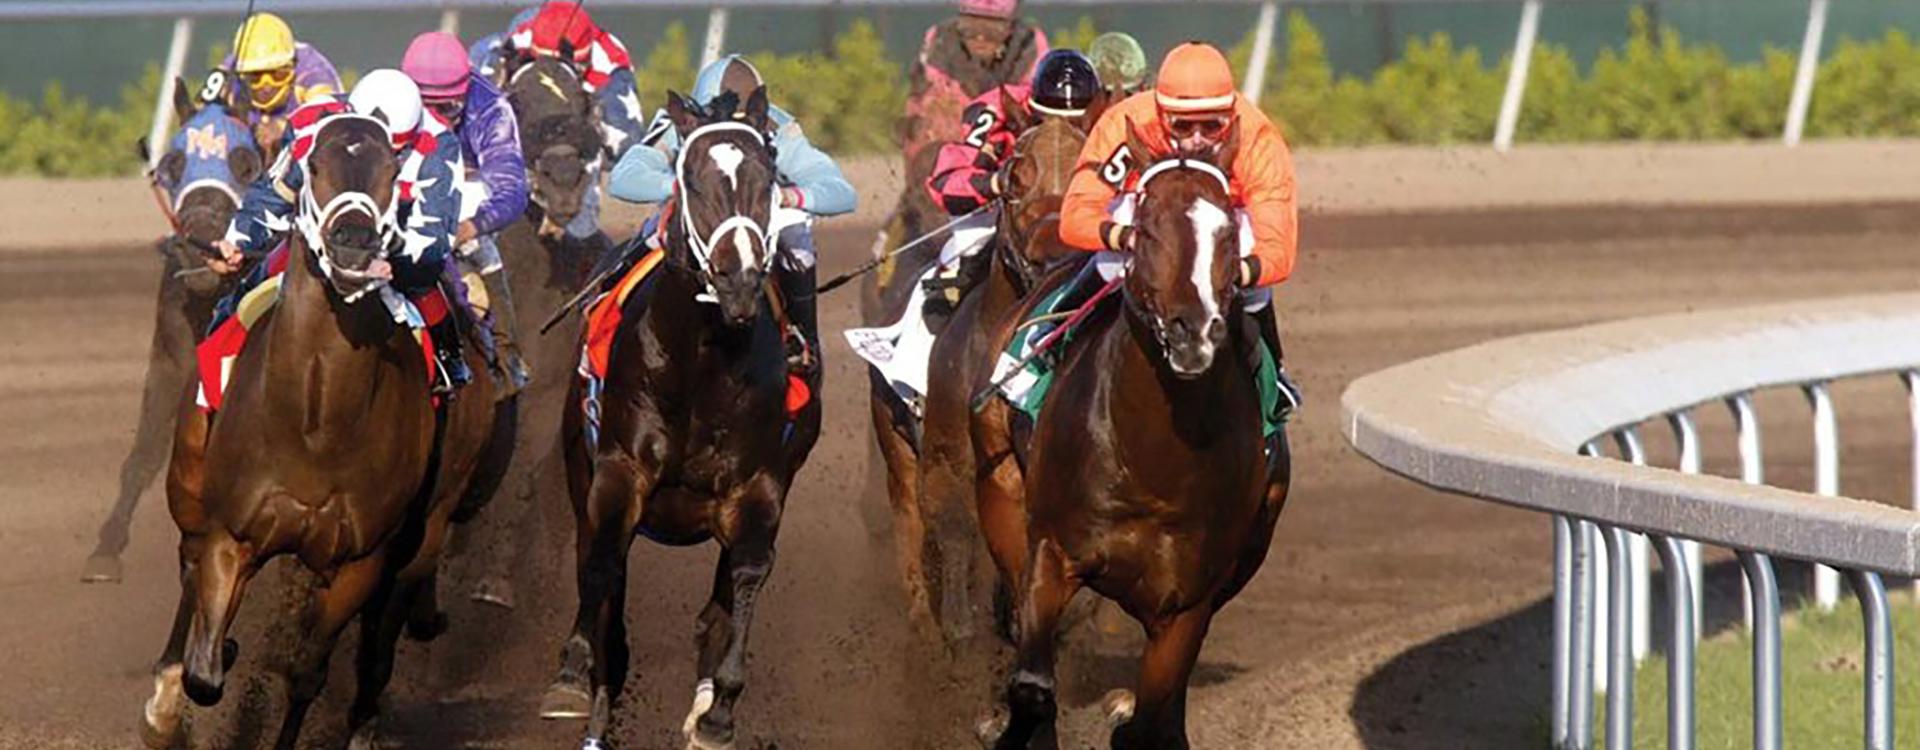 racing-horses1920